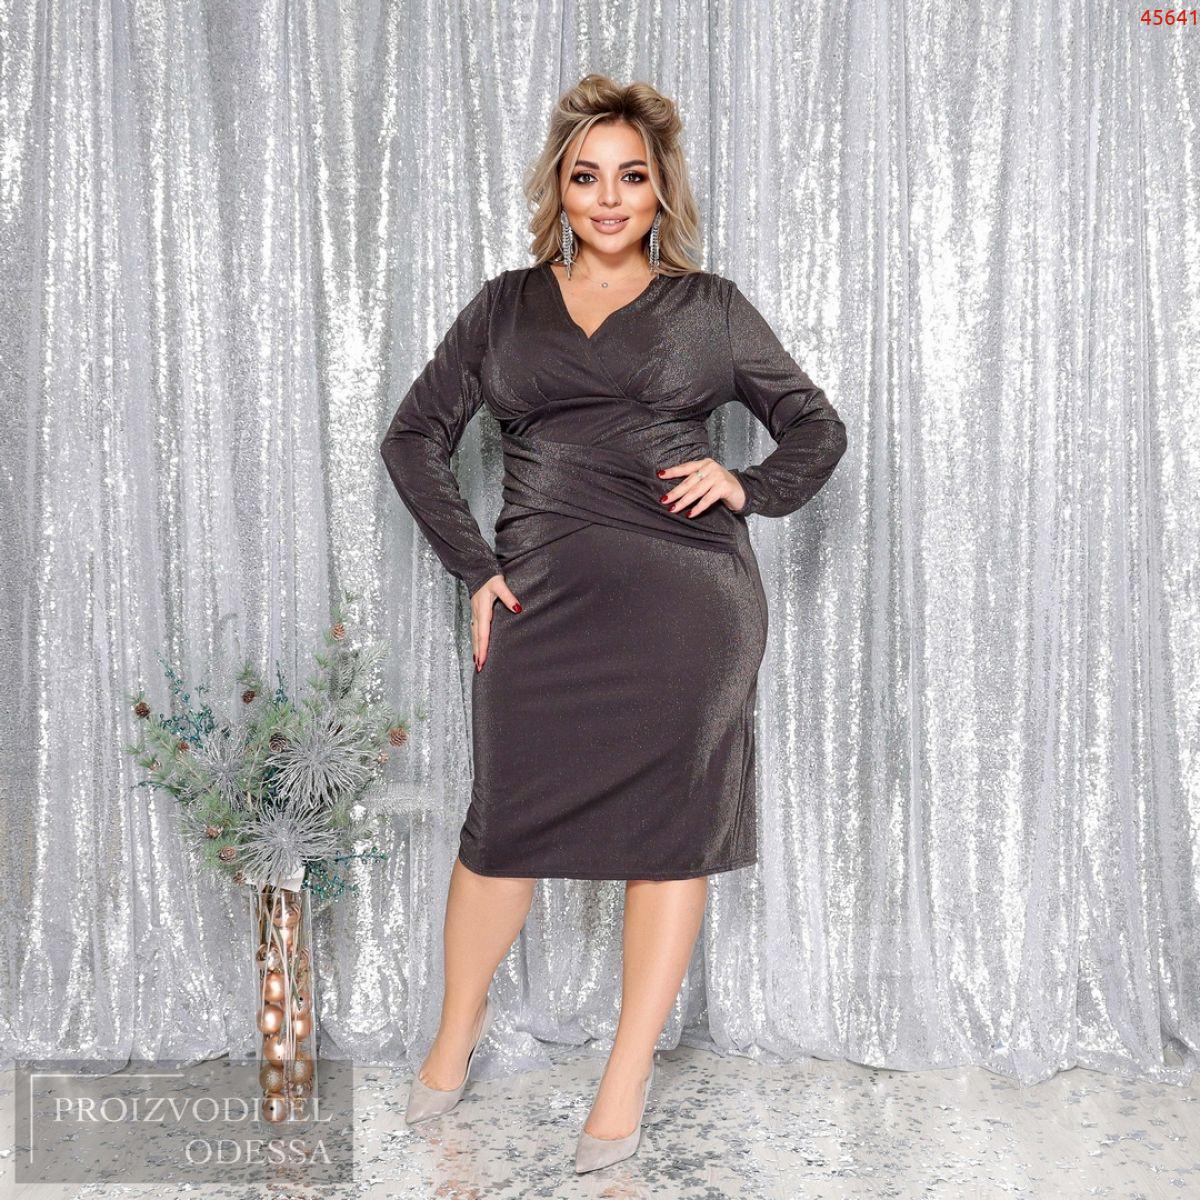 Платье №45641